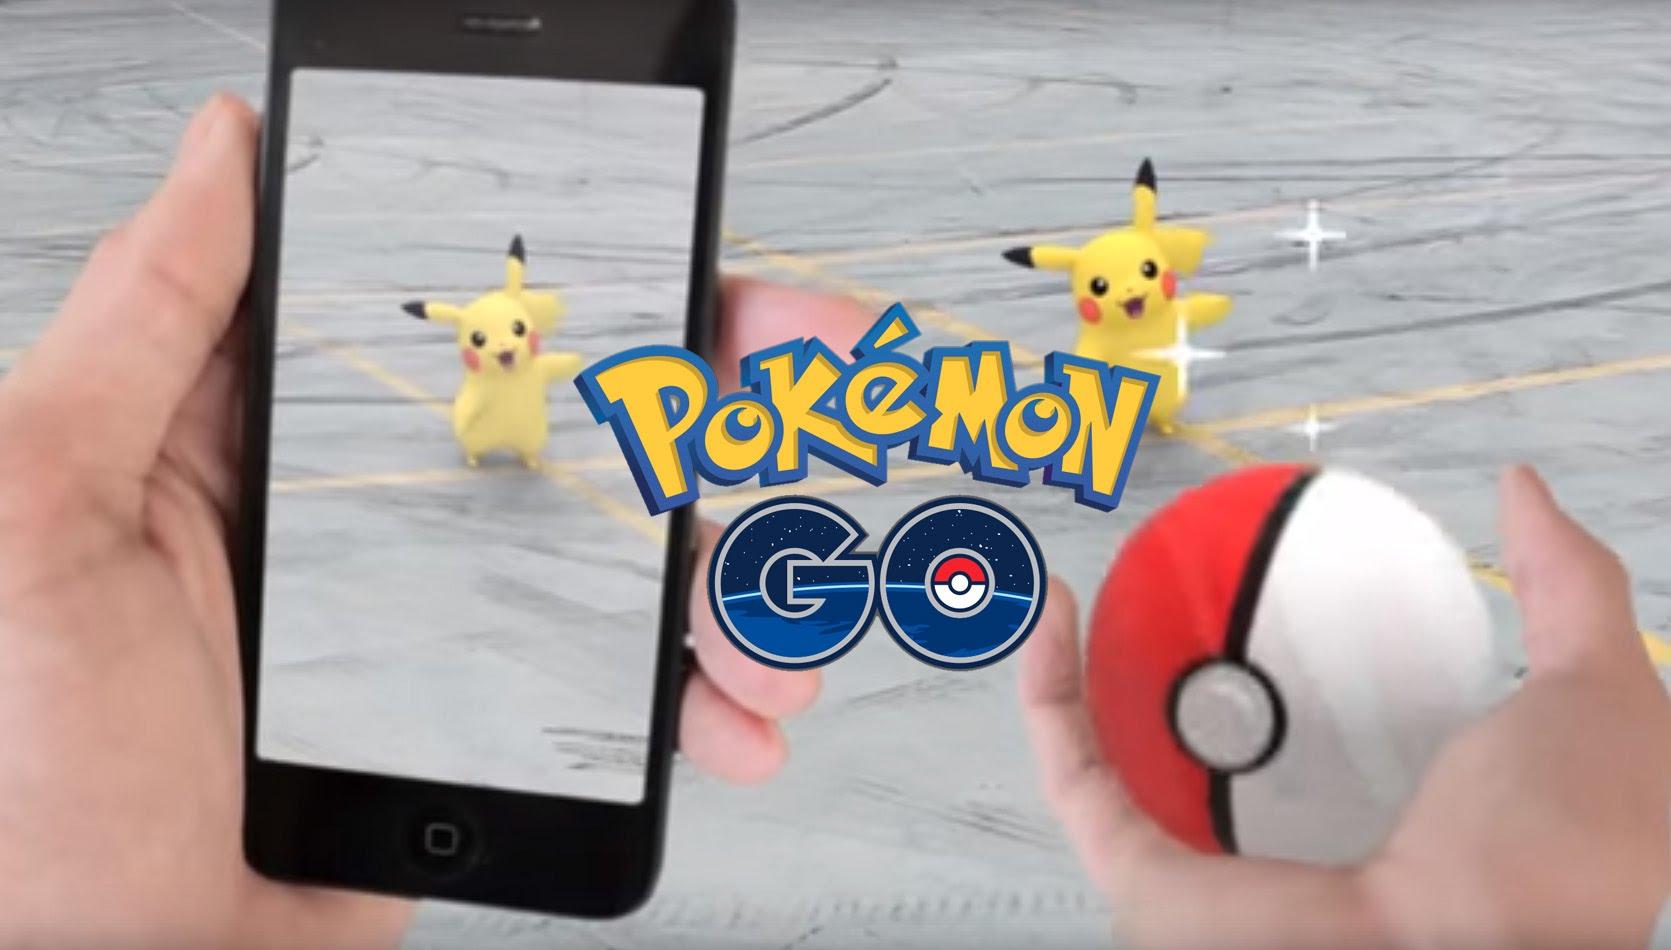 IP 视角看 Pokemon Go,还有什么理由不跟?